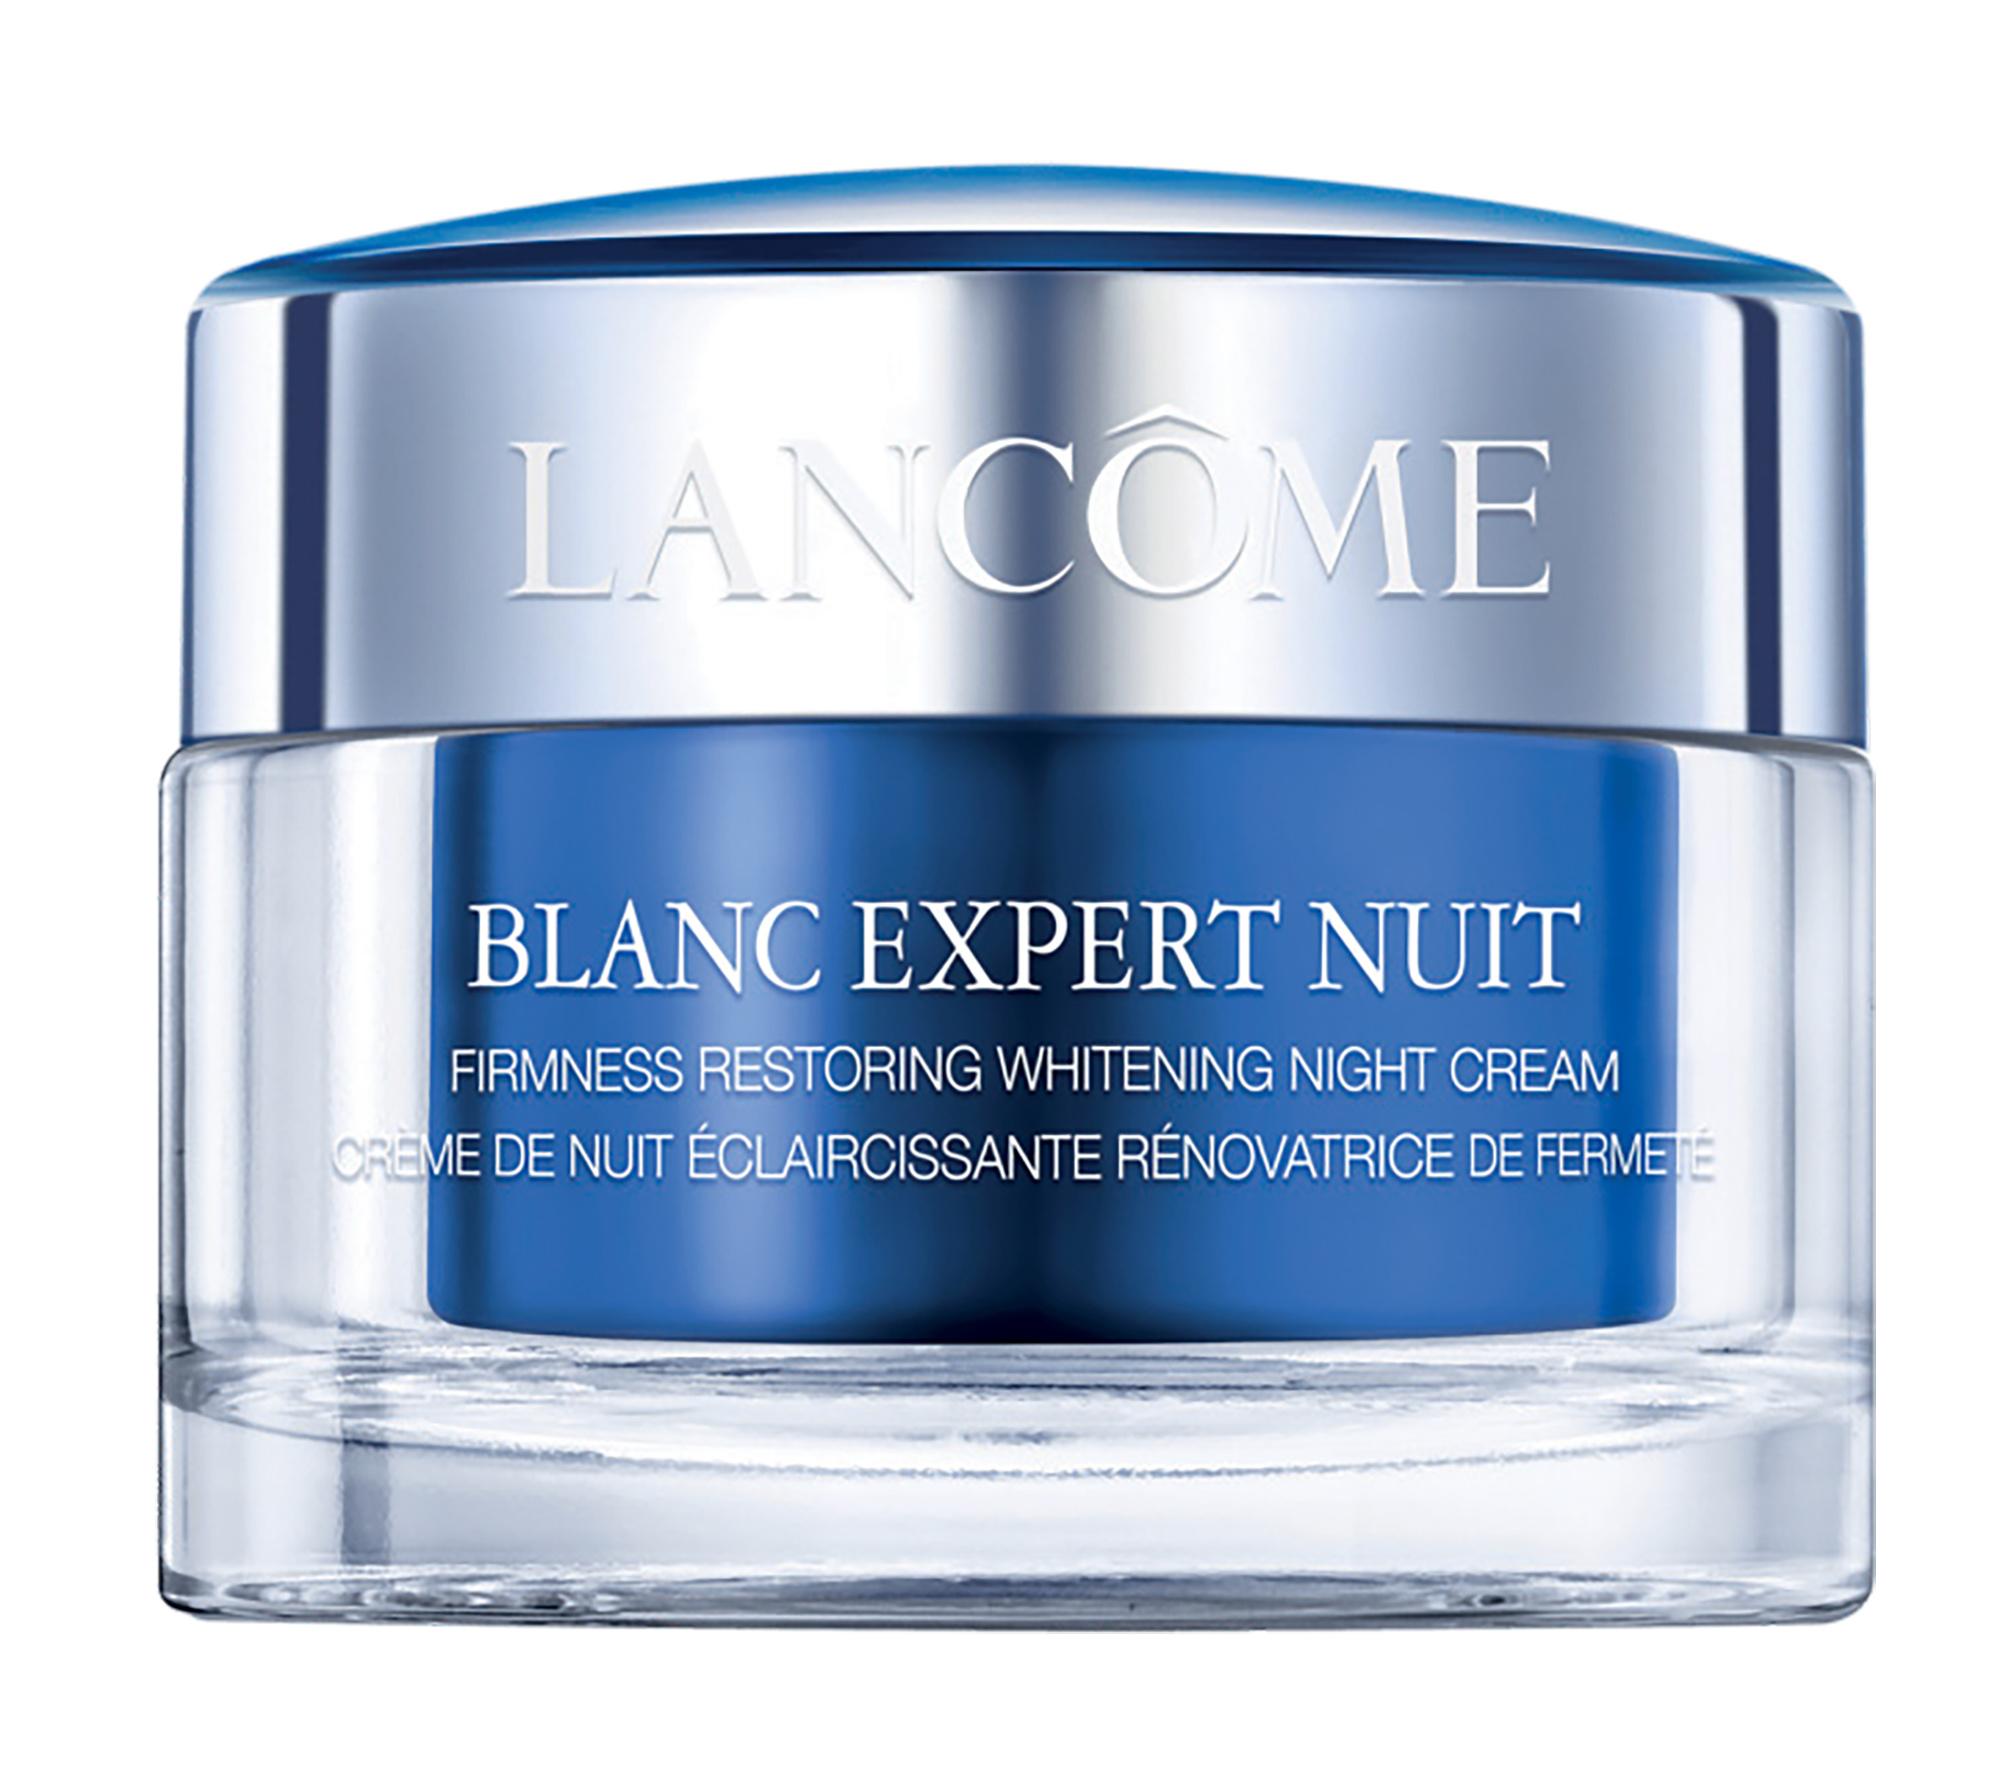 dưỡng trắng sản phẩm Lancome